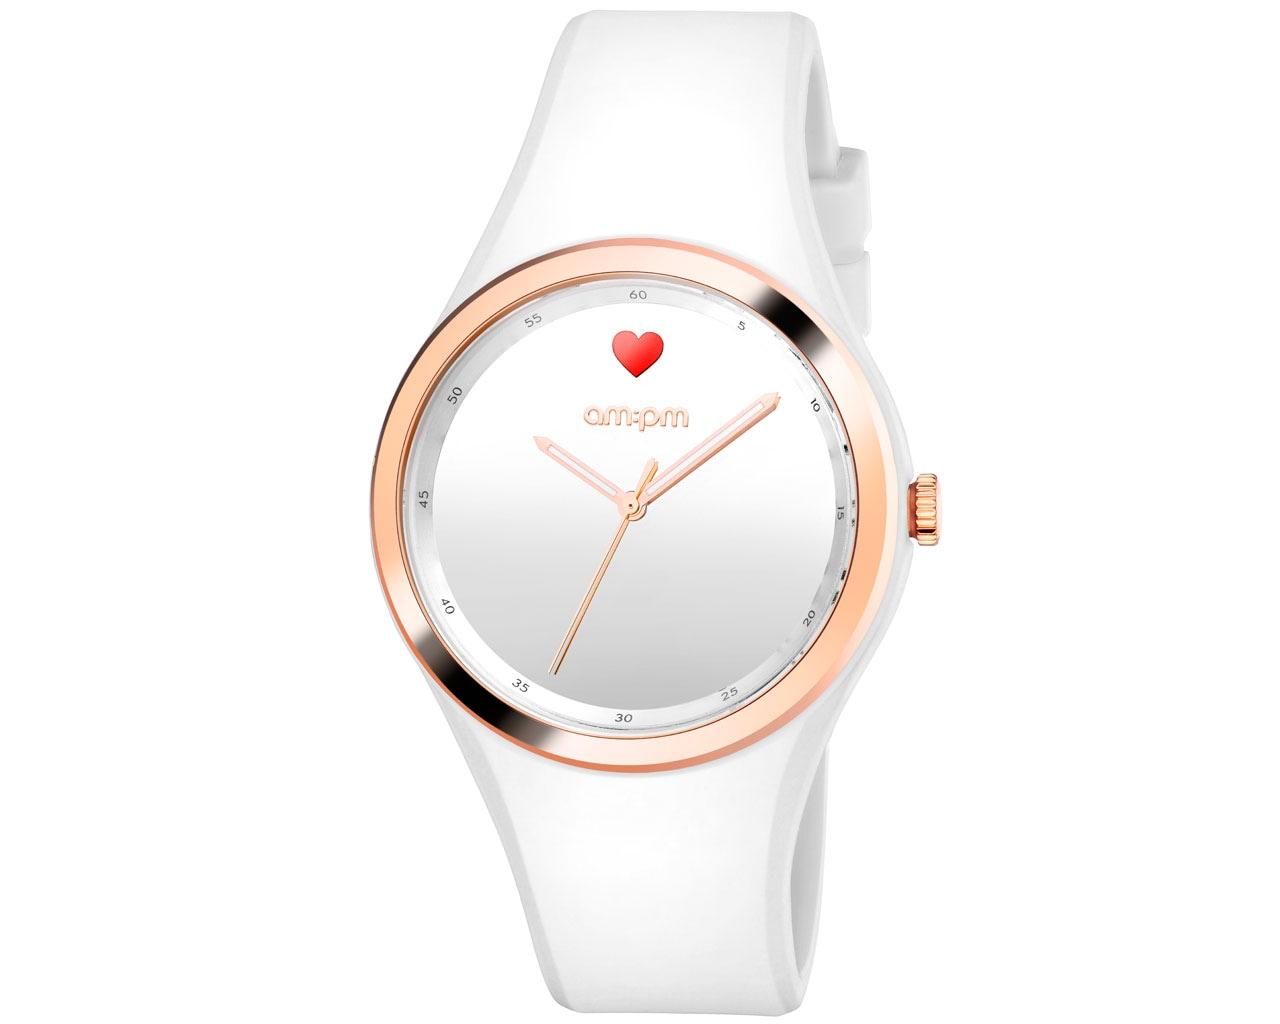 zegarek am pm biały damski